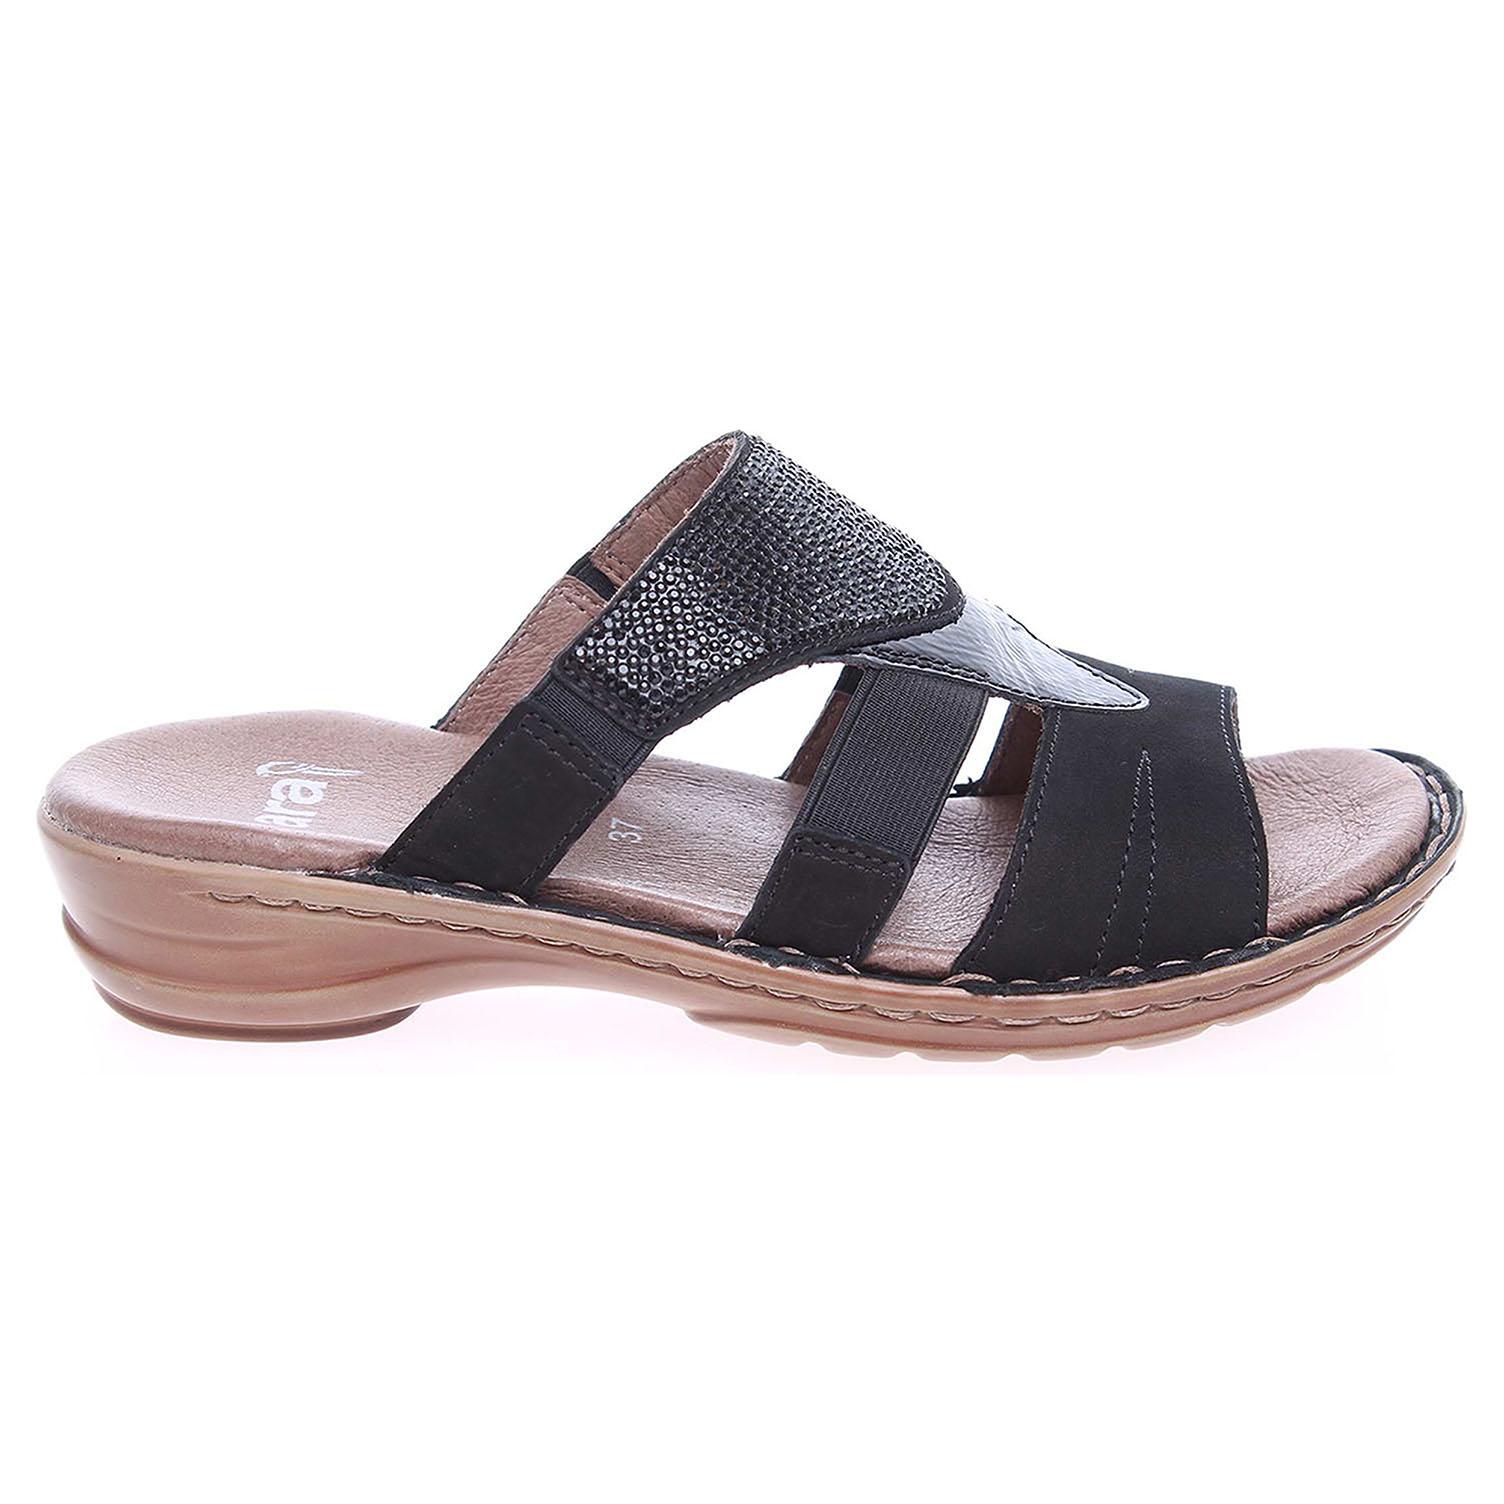 Ecco Ara dámské pantofle 37238-01 černé 23600733